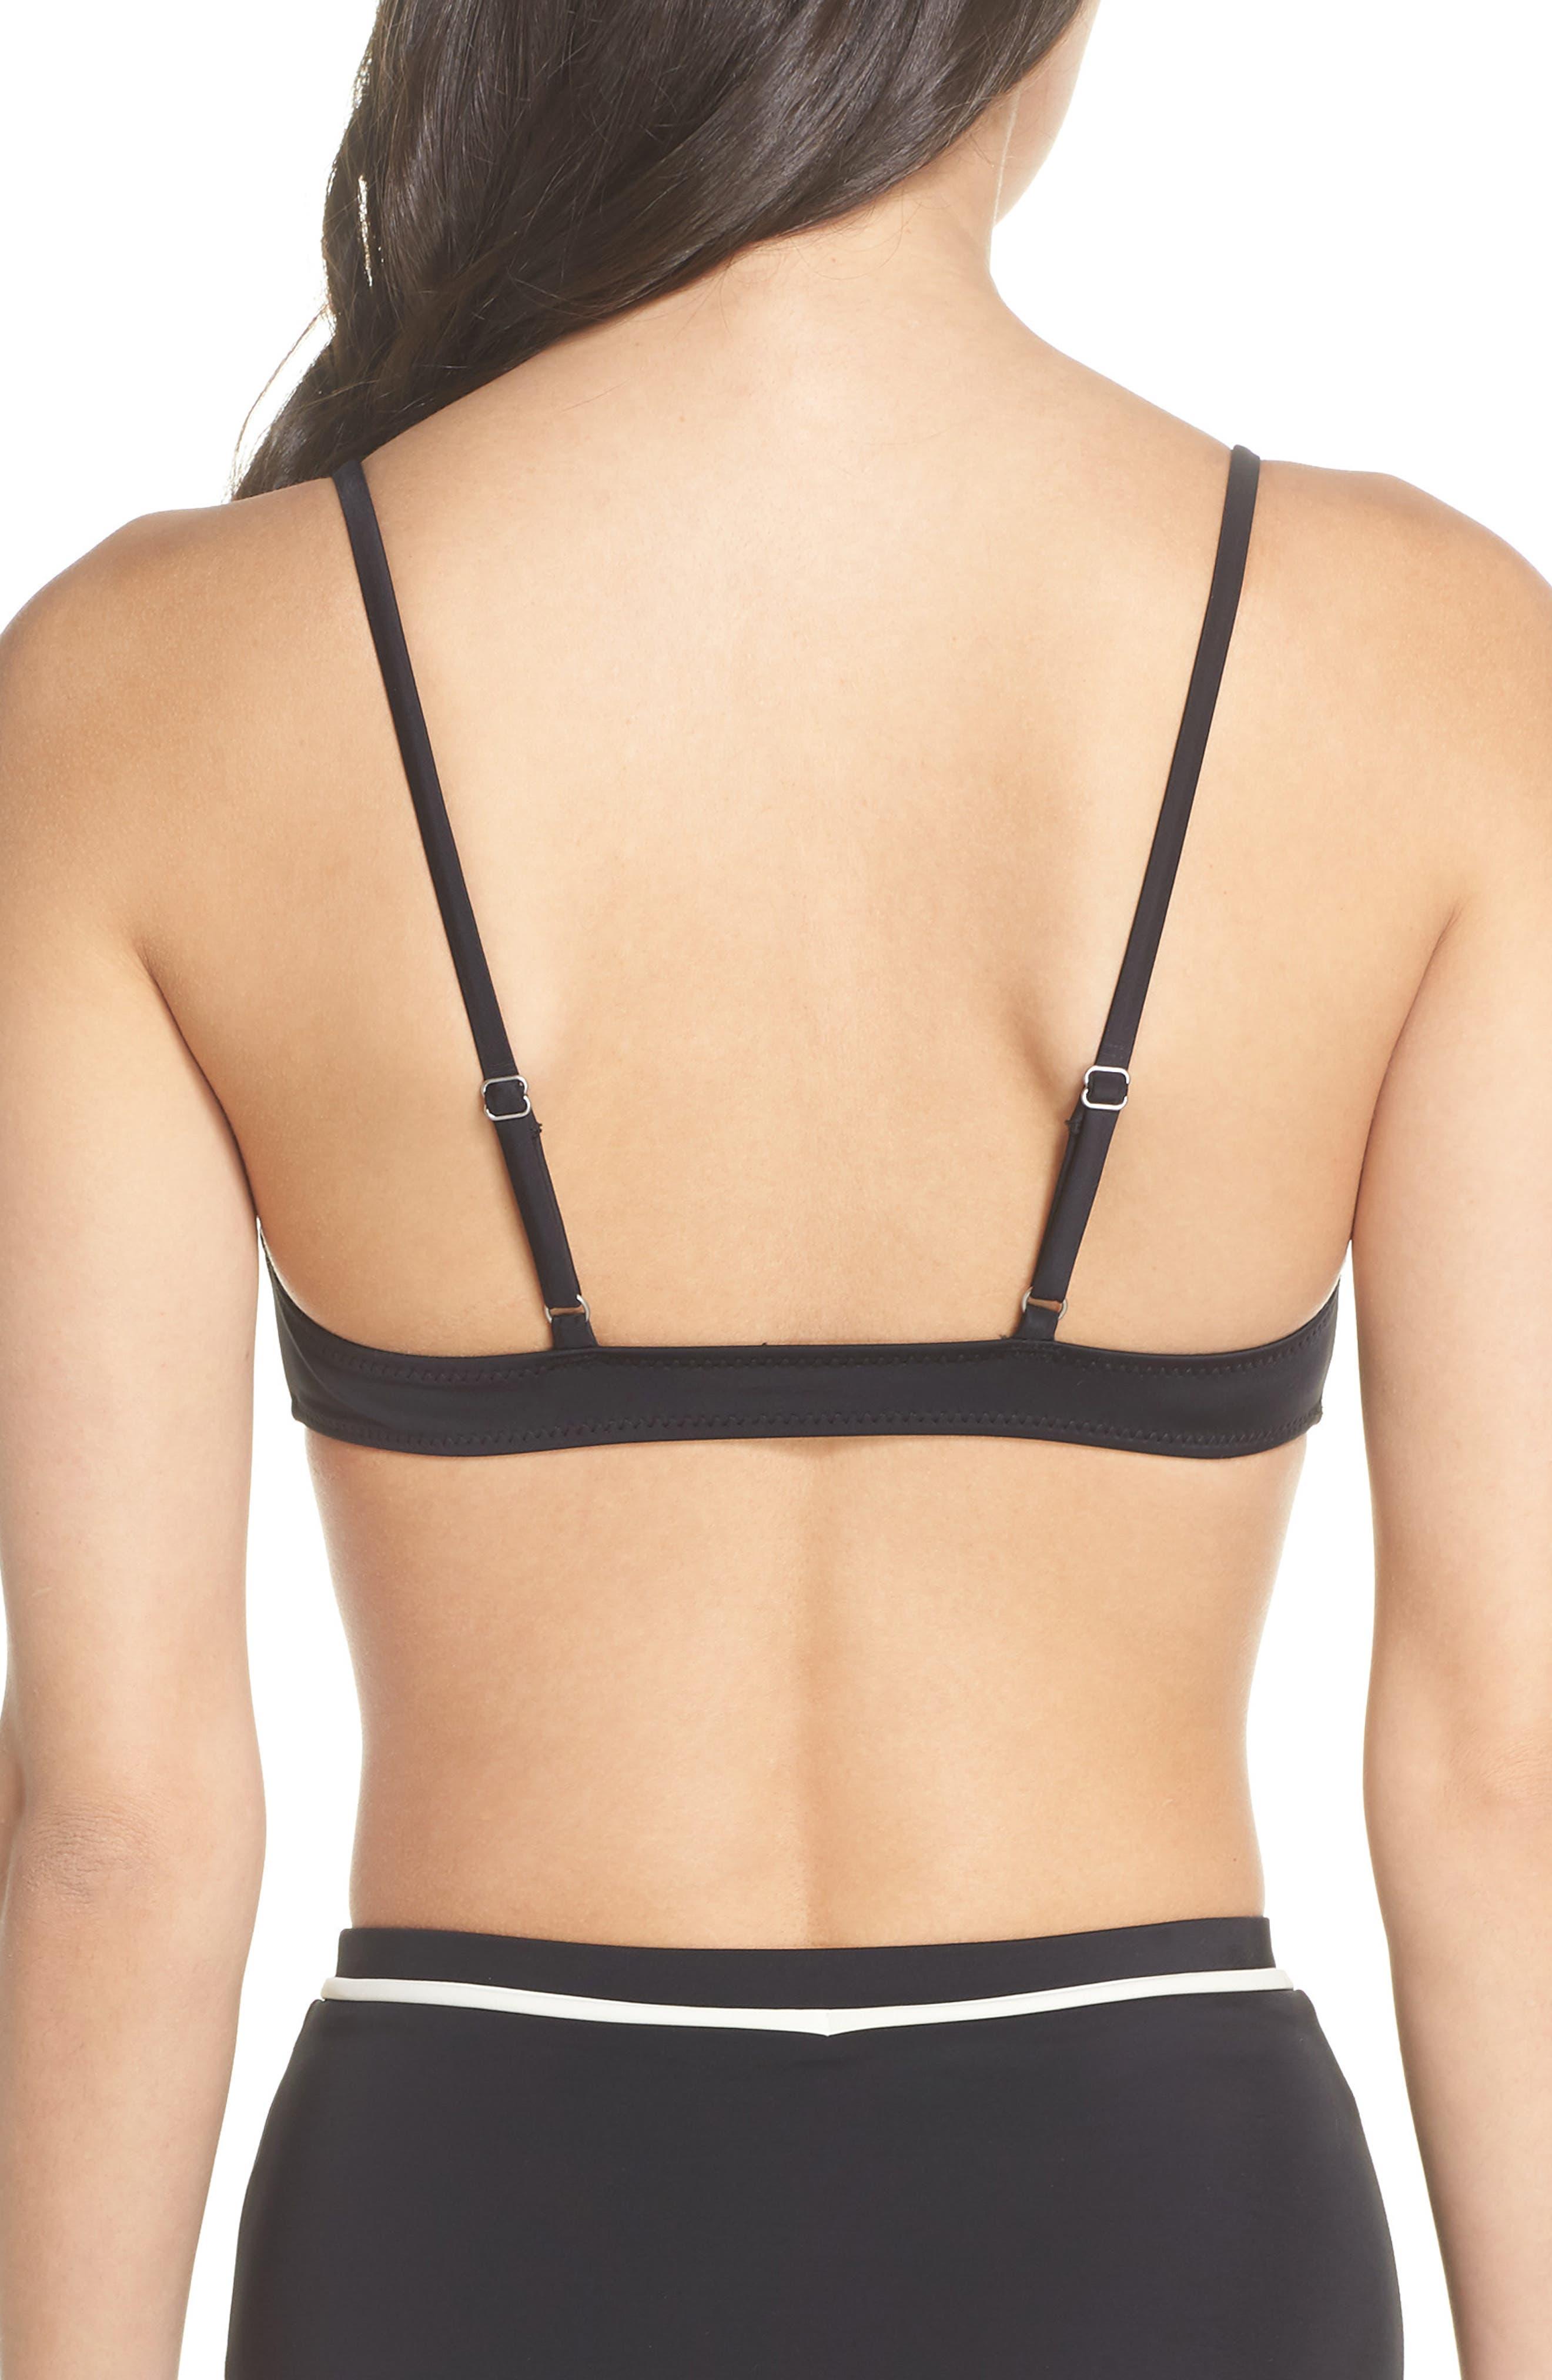 Cora Bikini Top,                             Alternate thumbnail 2, color,                             BLACK